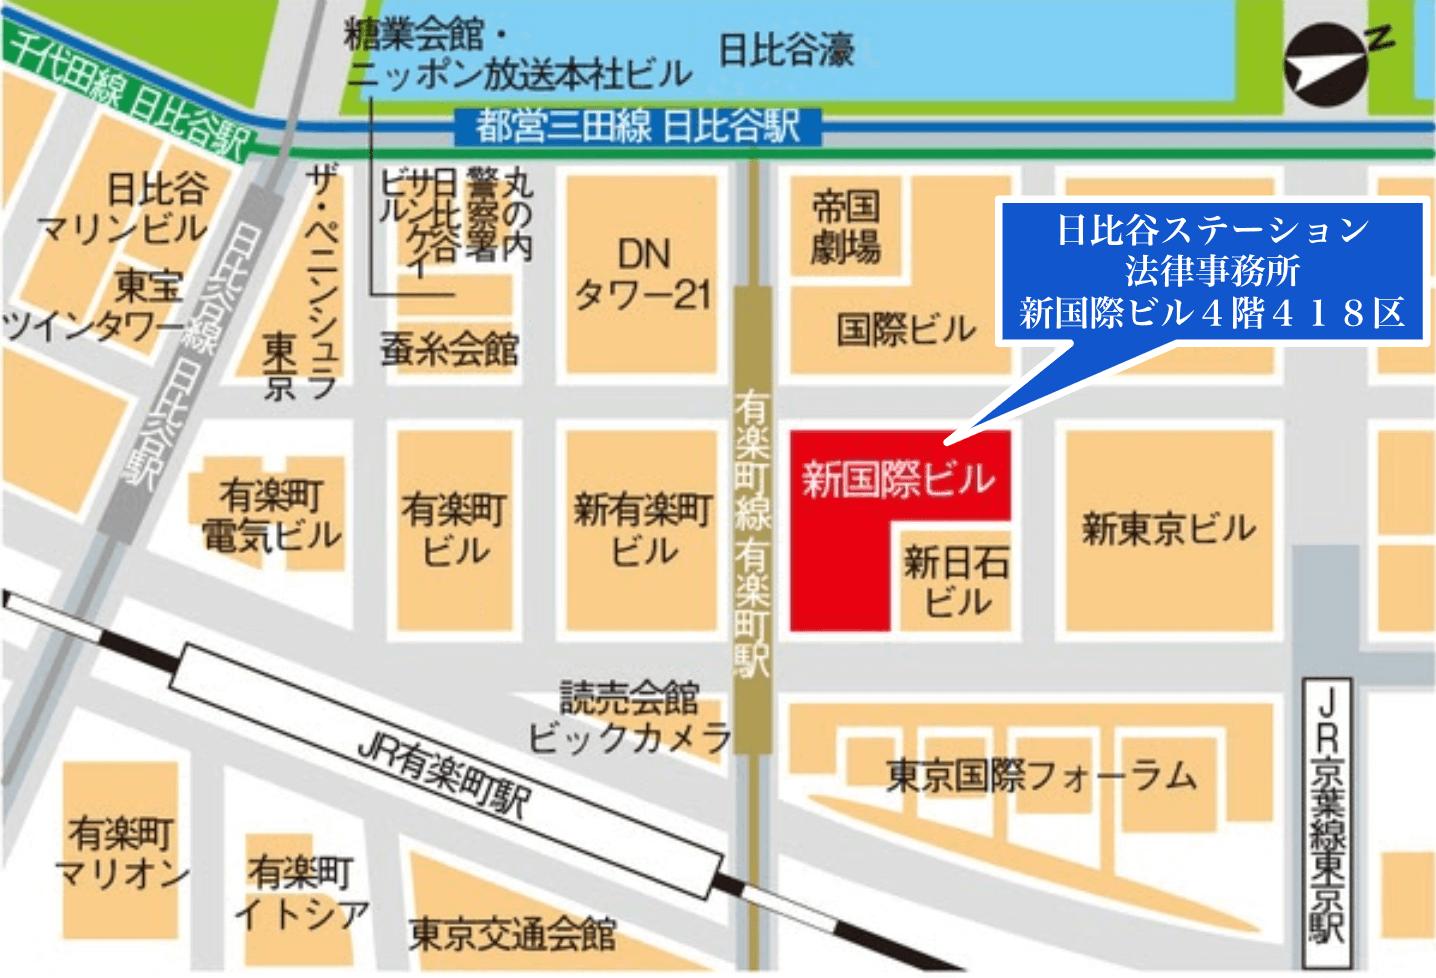 日比谷ステーション法律事務所 地図